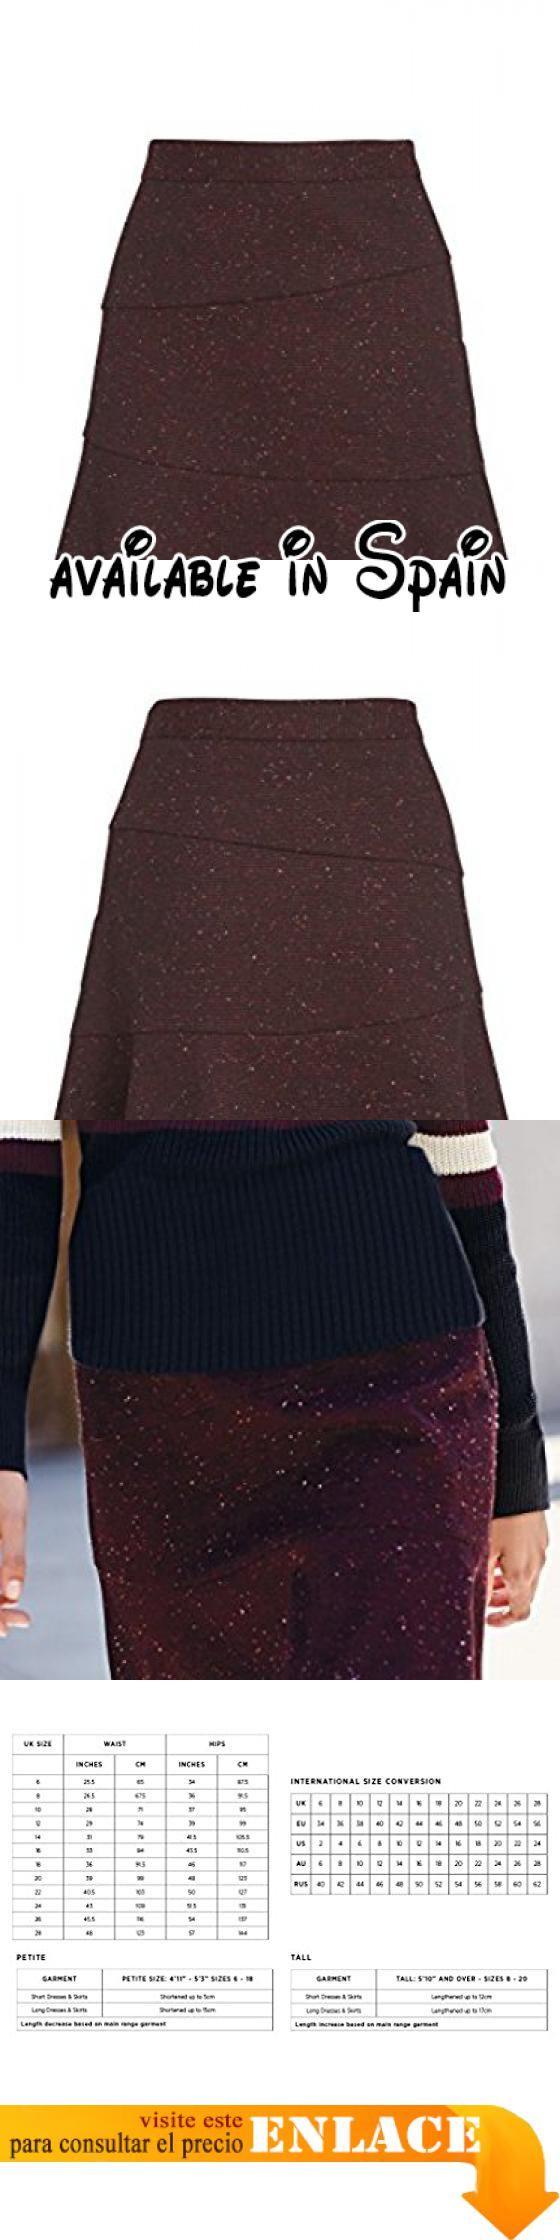 B076X7QW4B : next Mujer Falda Con Bajo De Vuelo Baya EU 36 (UK 8). next es el principal minorista de ropa Británica con más de 700 tiendas por todo el mundo. next ofrece un gran estilo calidad y relación calidad-precio con un toque de moda contemporáneo.. Regular